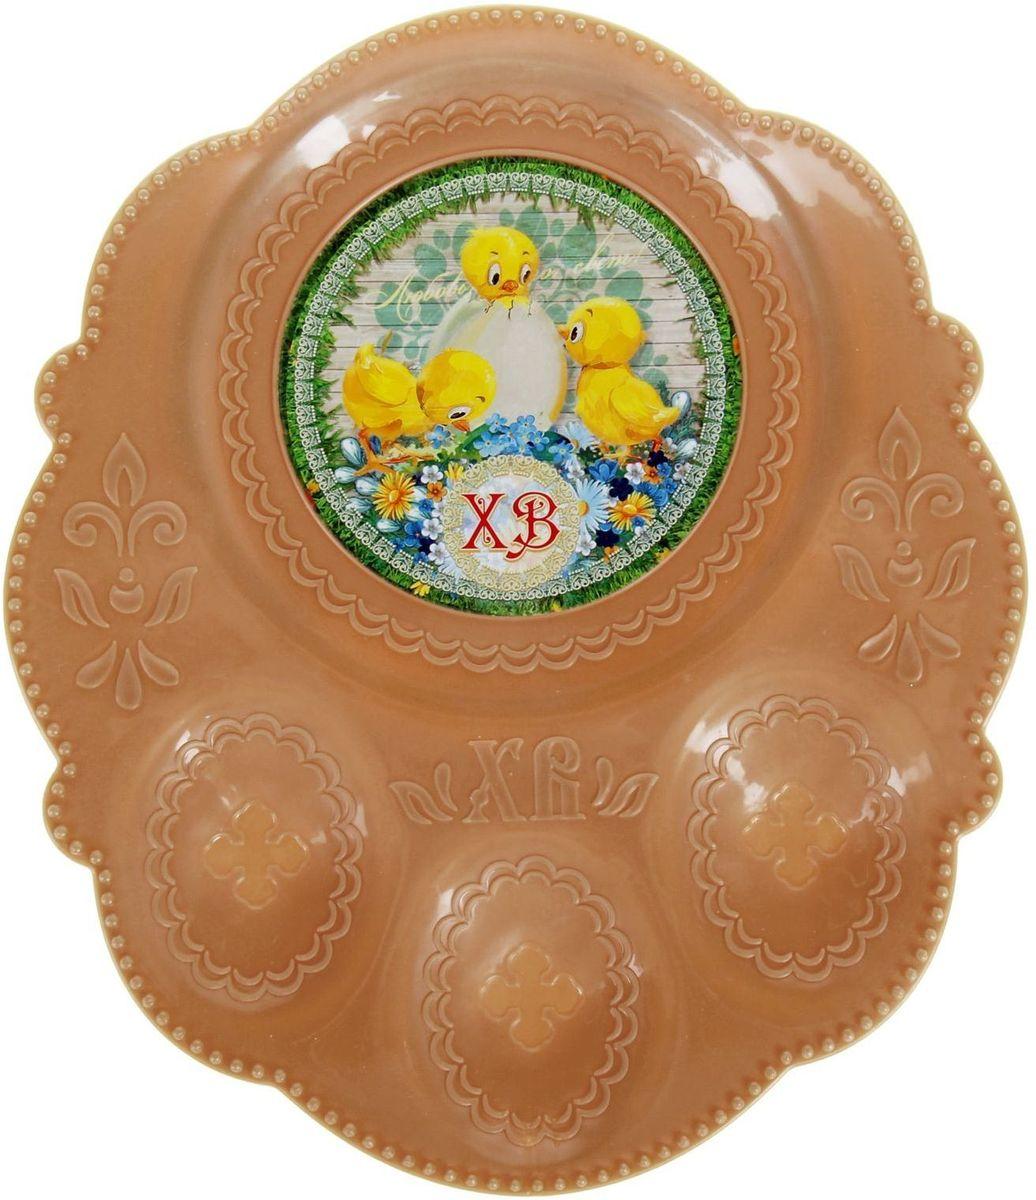 Подставка пасхальная Цыплята, на 3 яйца и кулич, 21 х 18 см. 1002601115510Пасхальная подставка для 3 яйц и кулича изготовлена из качественного пластика, в центре имеется яркая вставка. Аксессуар станет достойным украшением праздничного стола, создаст радостное настроение и наполнит пространство вашего дома благостной энергией на весь год вперёд.Подставка будет ценным памятным подарком для родных, друзей и коллег.Радости, добра и света вам и вашим близким!